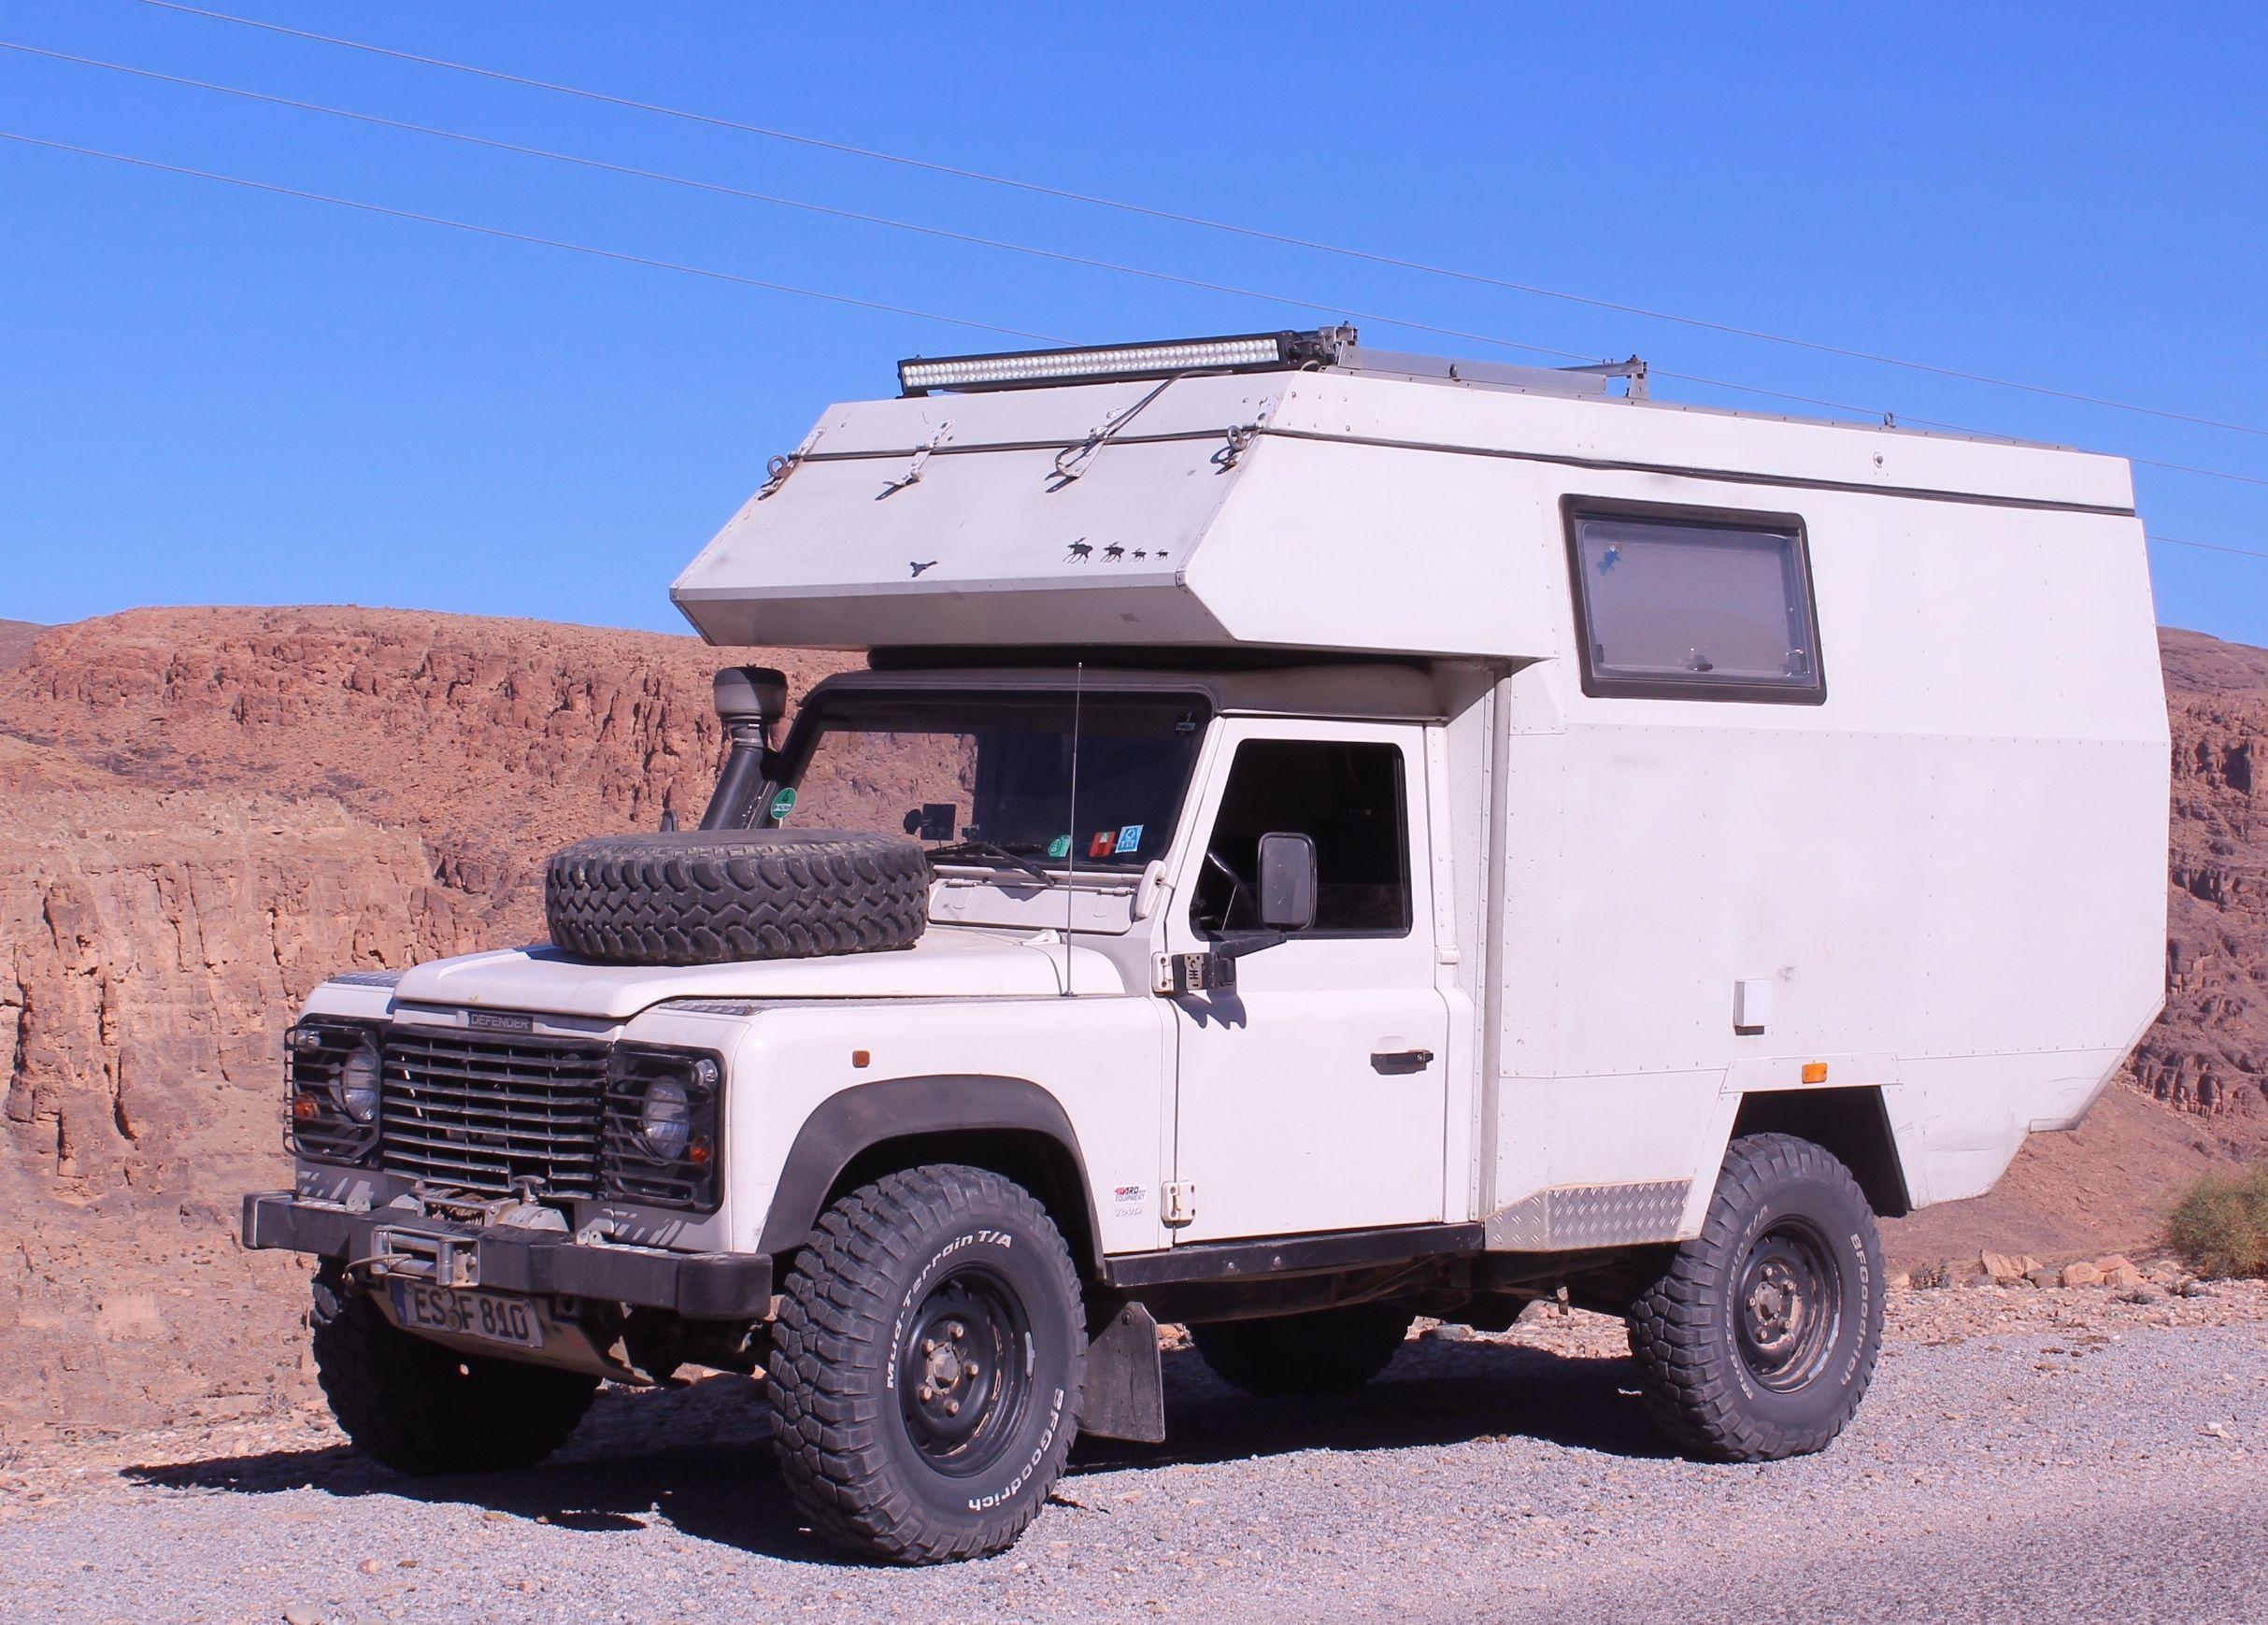 Landy Camper Basis Defender 110 Tdi Land Rover Land Rover